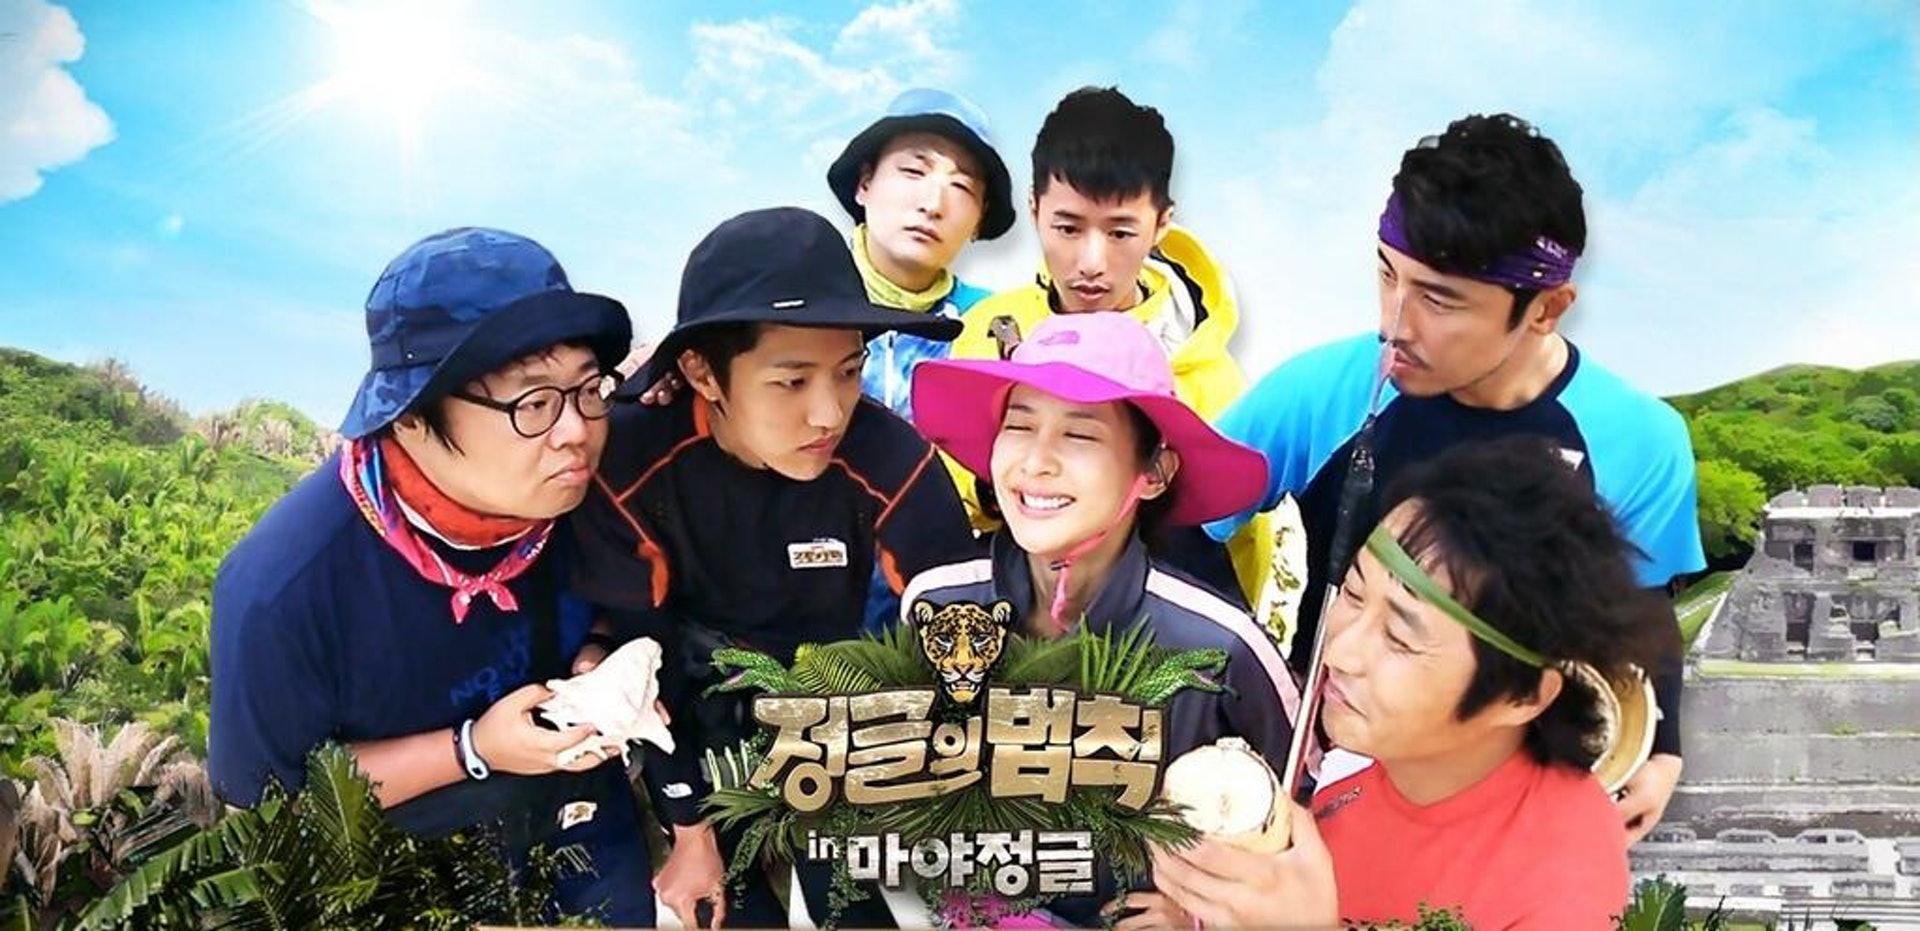 報道指,韓國綜藝節目《叢林的法則》被中國抄襲。(網絡圖片)